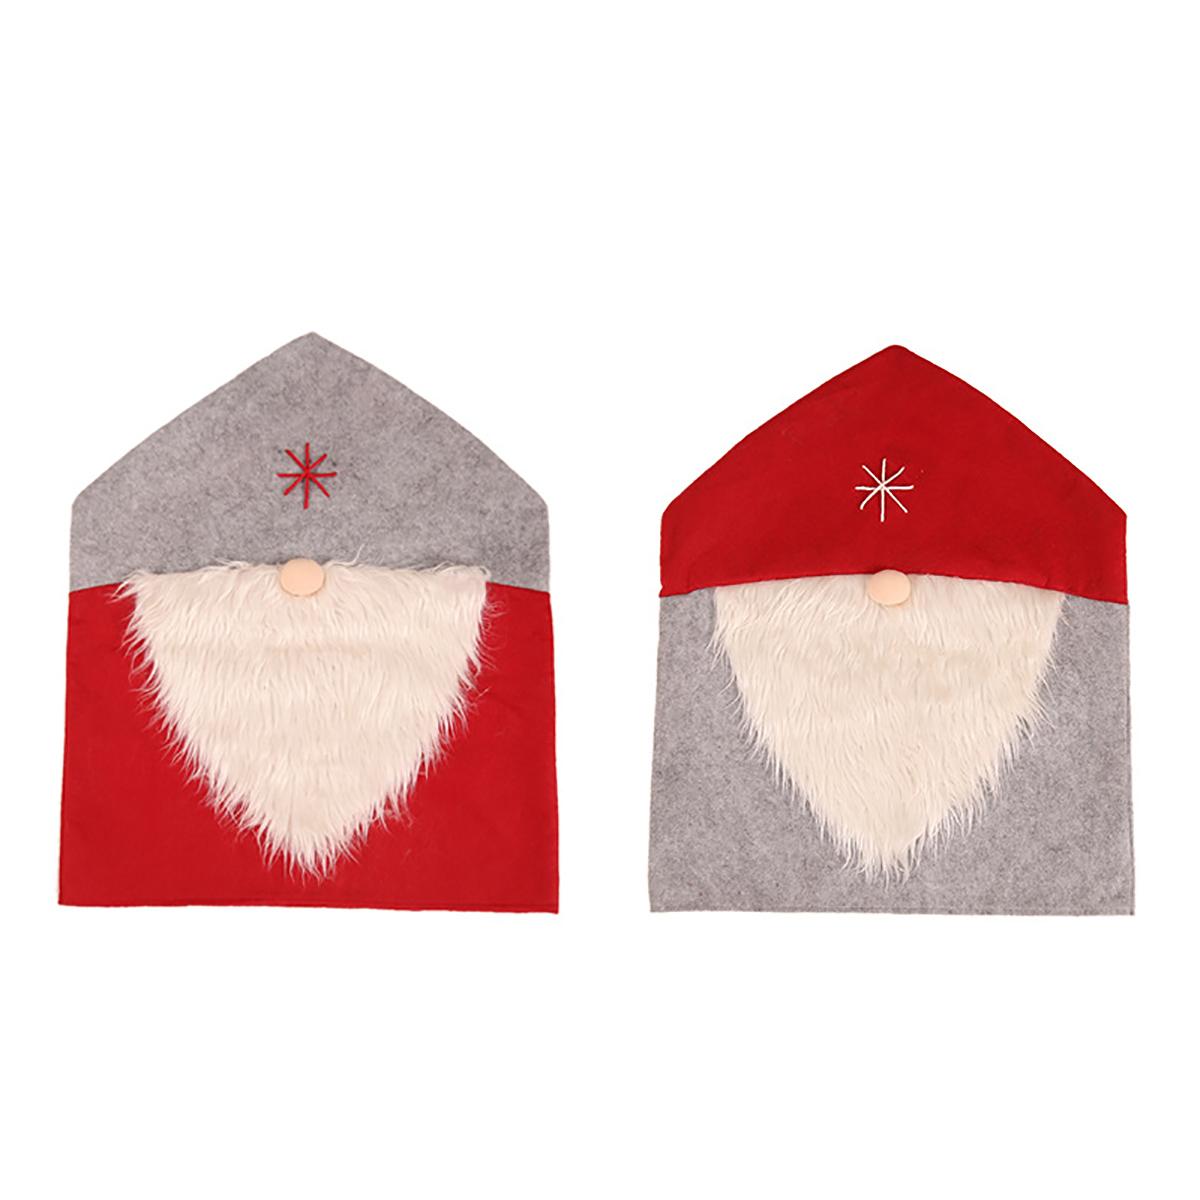 С Новым Годом С Рождеством Христовым Санта Клаус Кепка Стул Чехлы Красные Шапка Задние Чехлы на стулья Рождественские Украшения для Дома